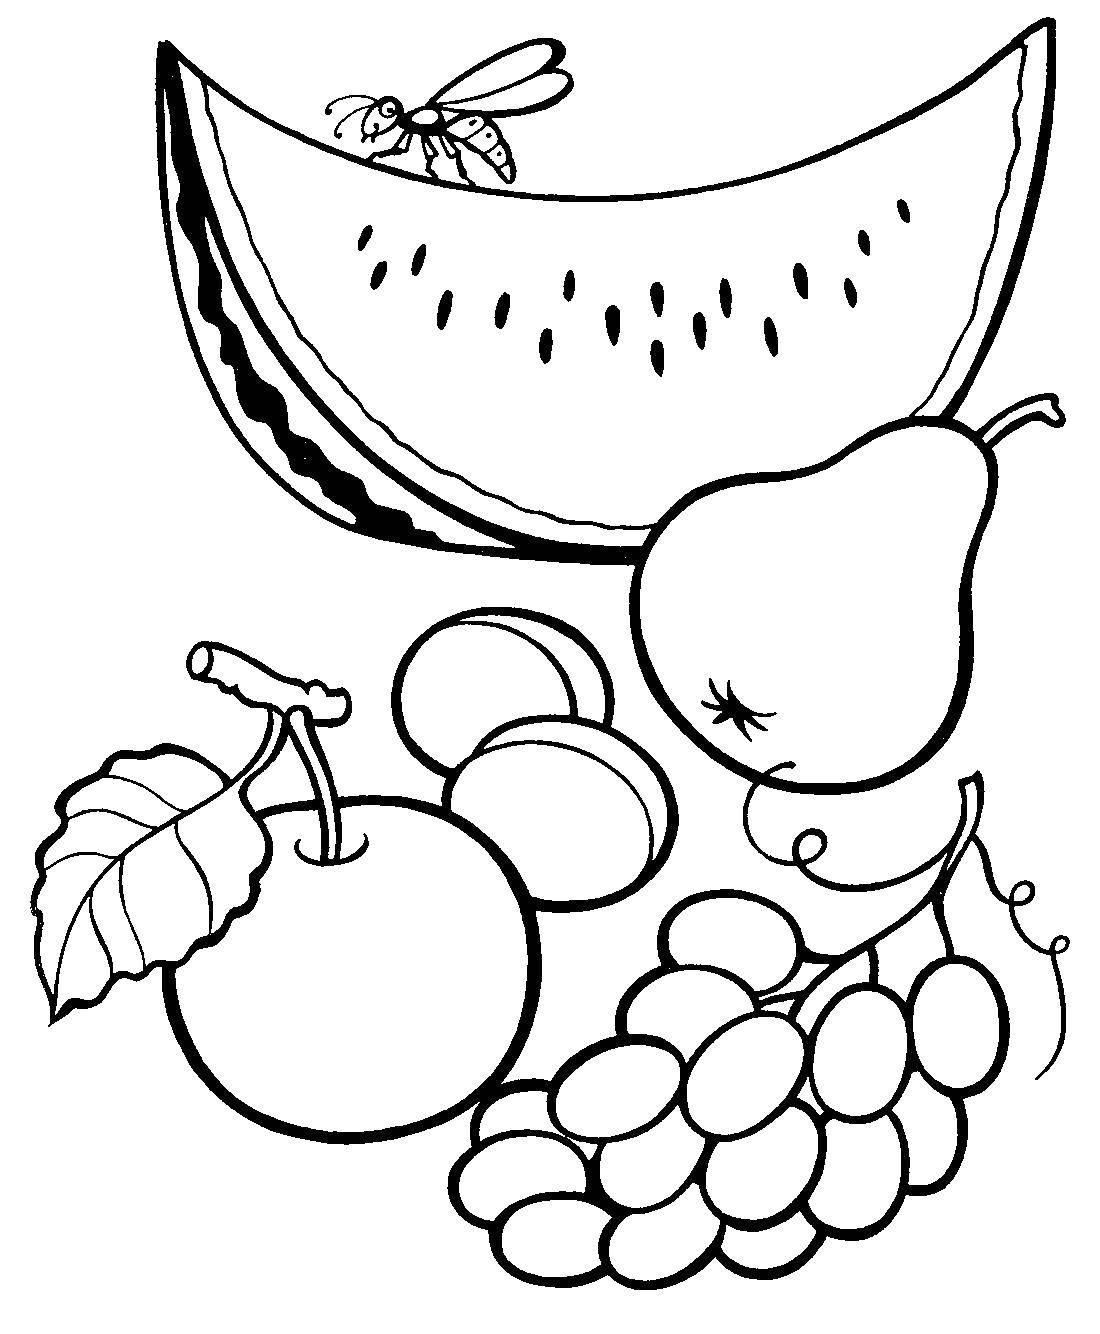 Название: Раскраска Фрукты и ягоды. Категория: еда. Теги: фрукт, ягоды, лето.